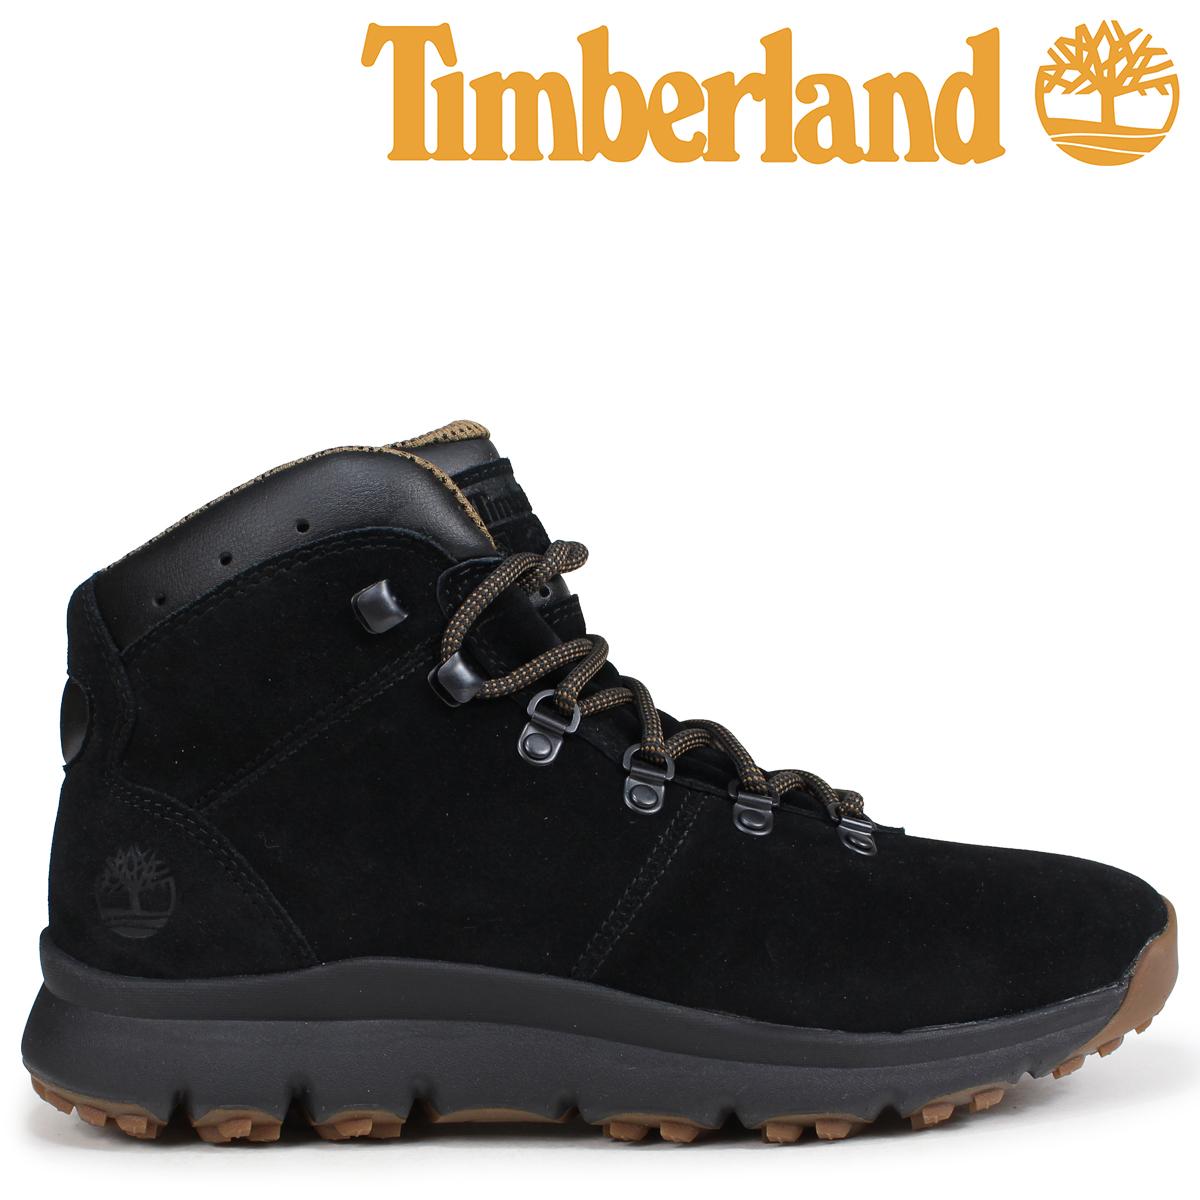 Timberland ブーツ メンズ ティンバーランド WORLD HIKER A1QFL Wワイズ ブラック [9/5 新入荷]